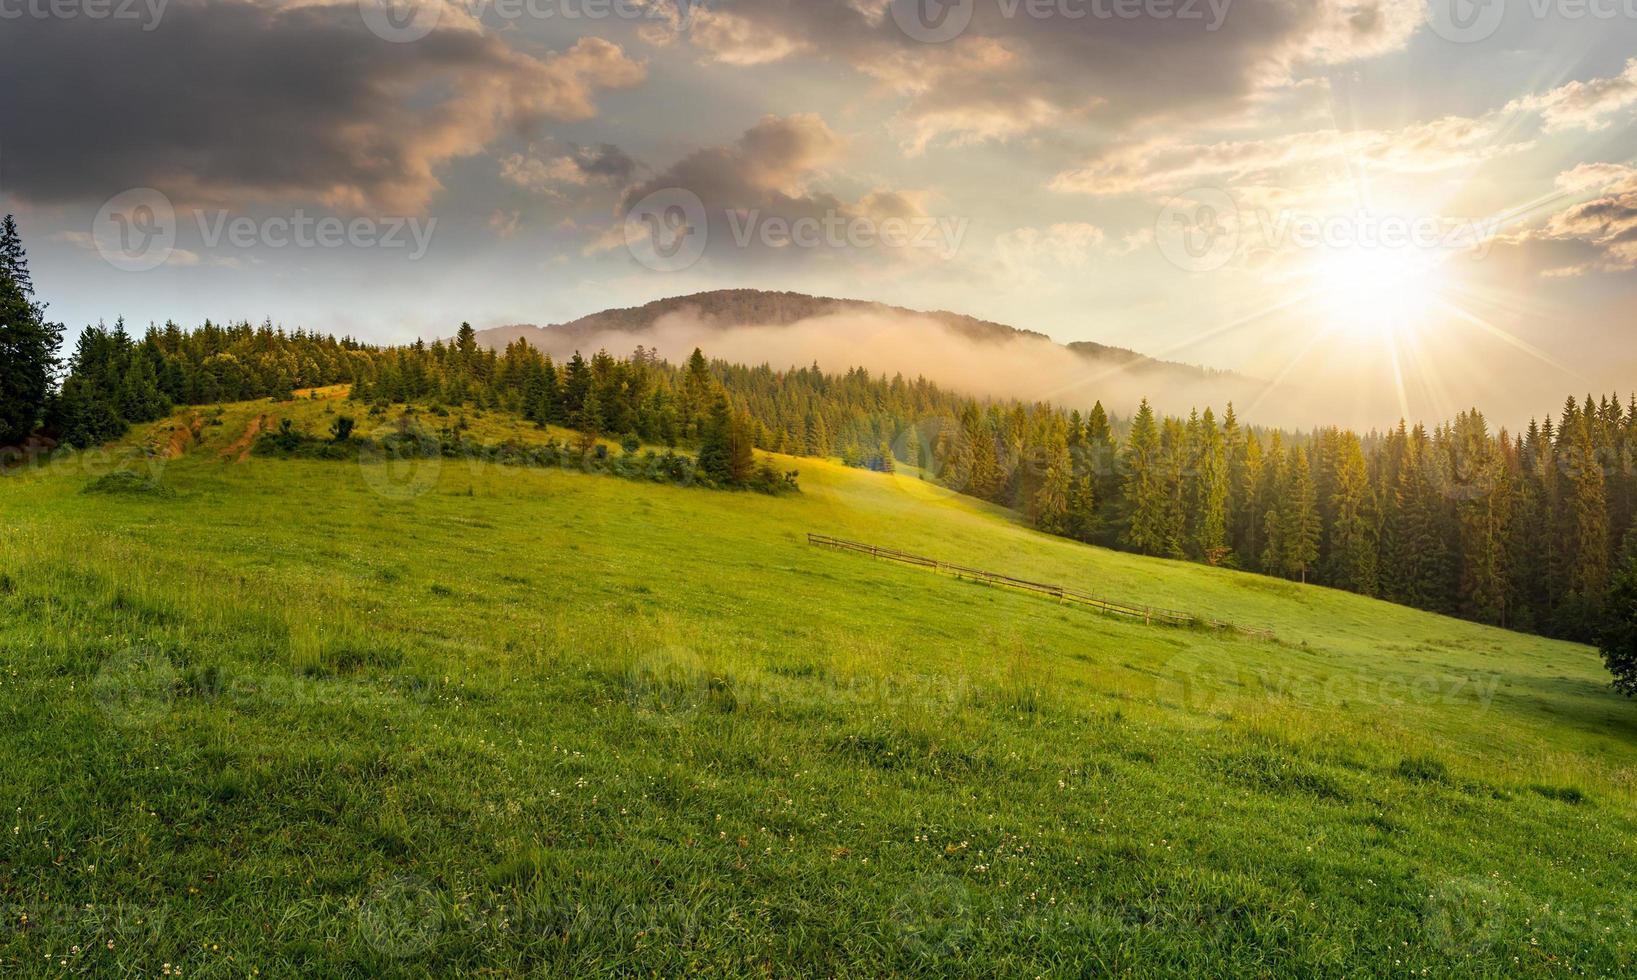 nebbia intorno alla cima della montagna al tramonto foto